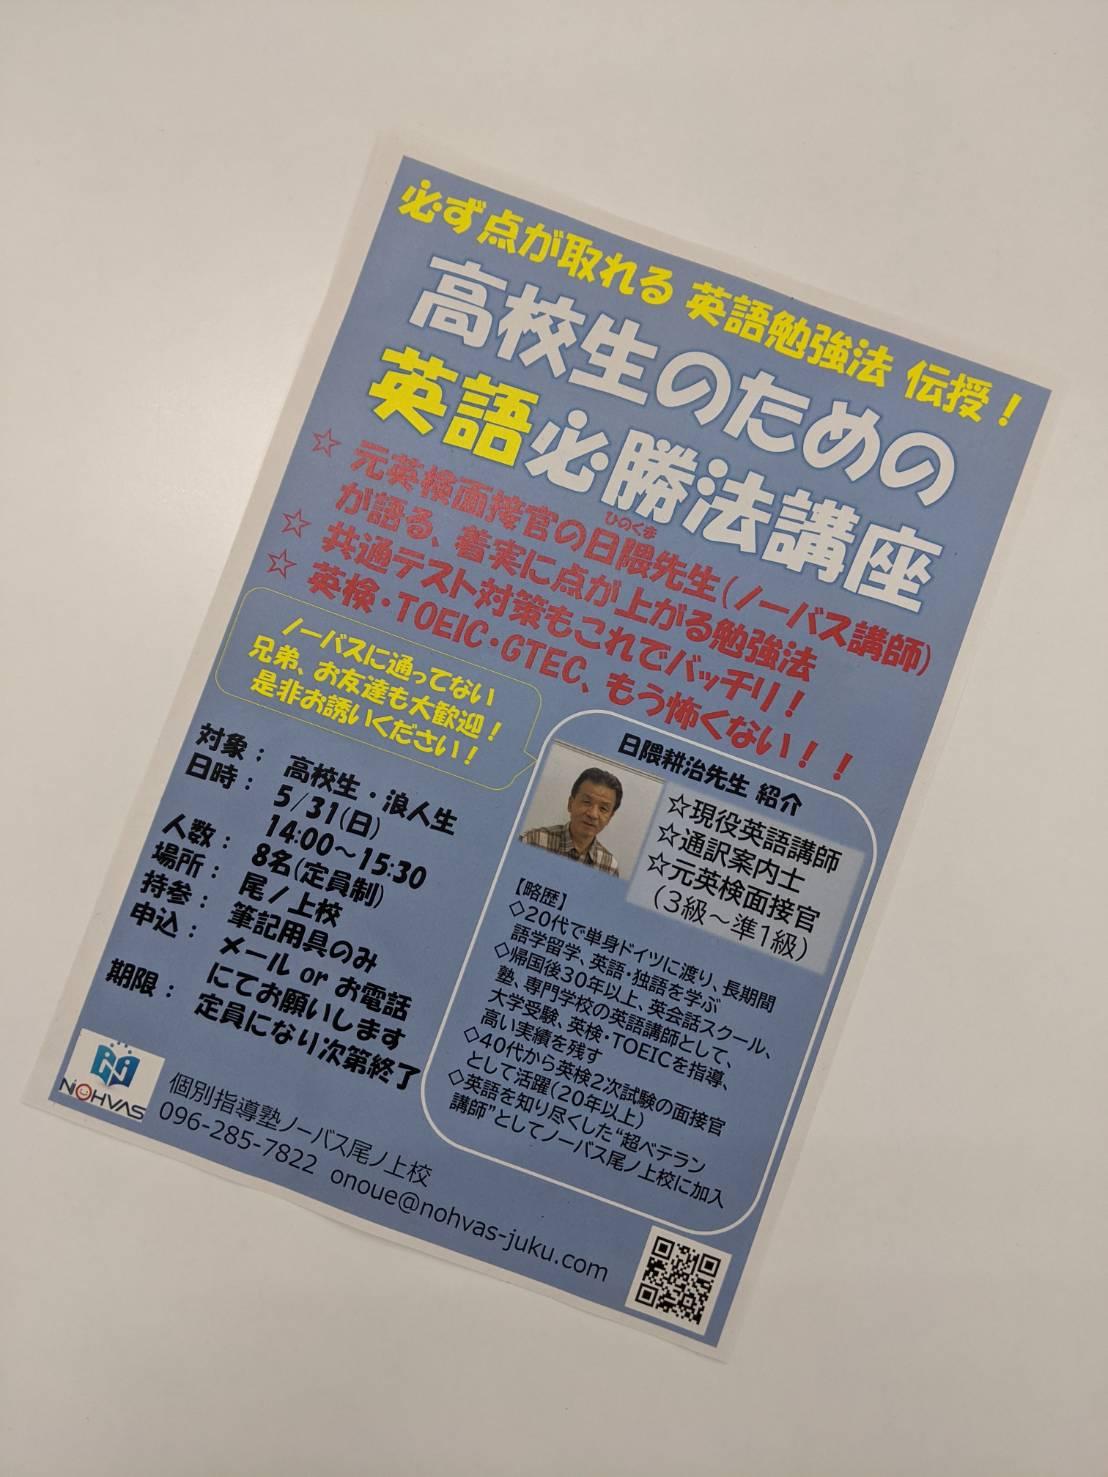 高校生のための英語勉強法について講演会のご案内